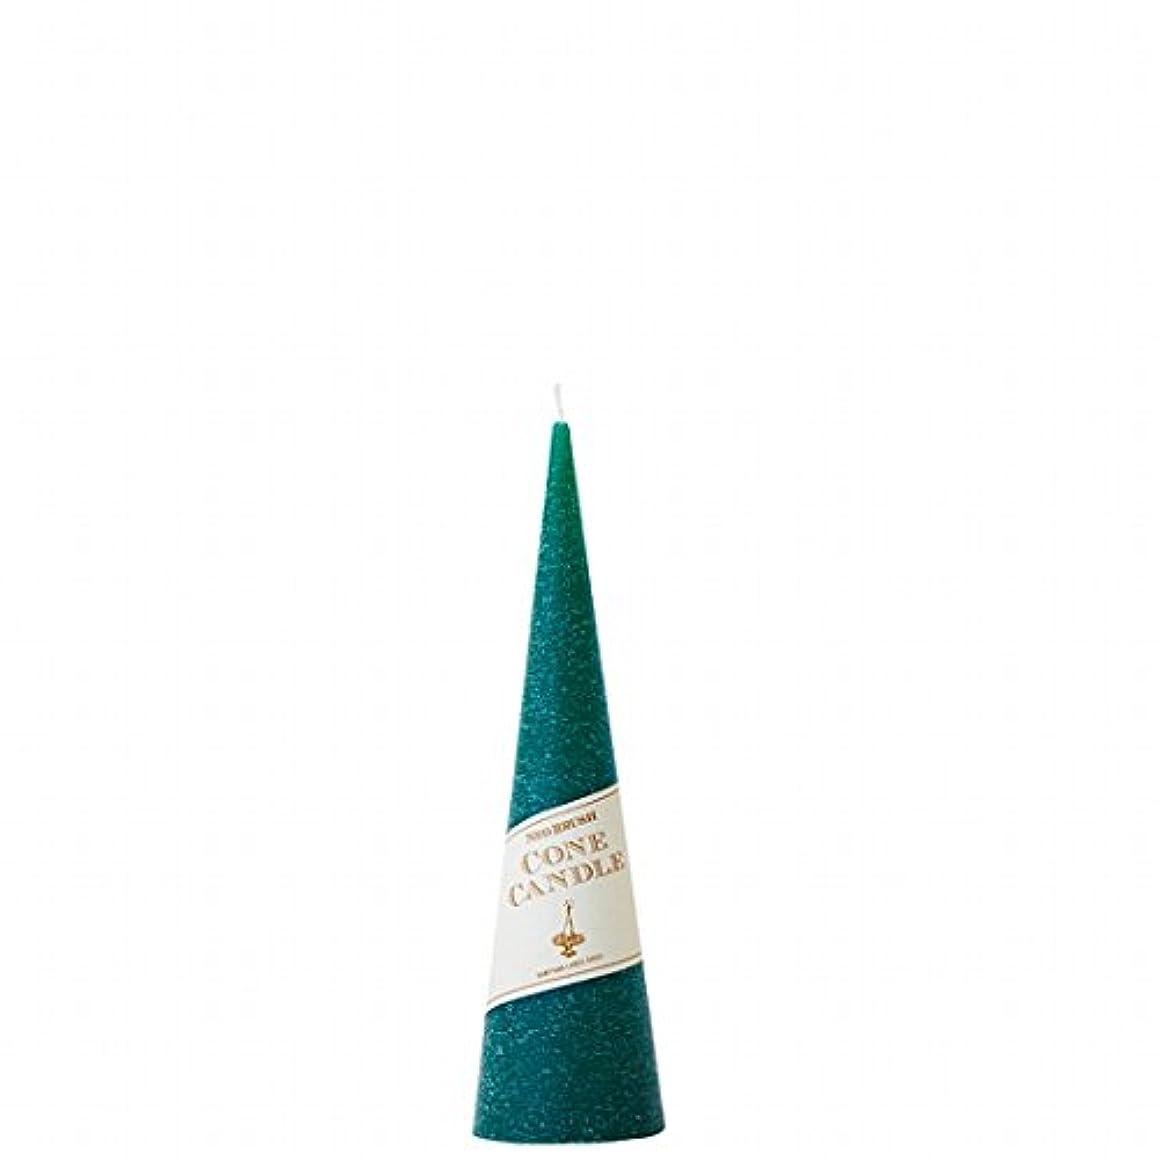 ウェブペルメル解読するkameyama candle(カメヤマキャンドル) ネオブラッシュコーン 180 キャンドル 「 グリーン 」(A9750010G)